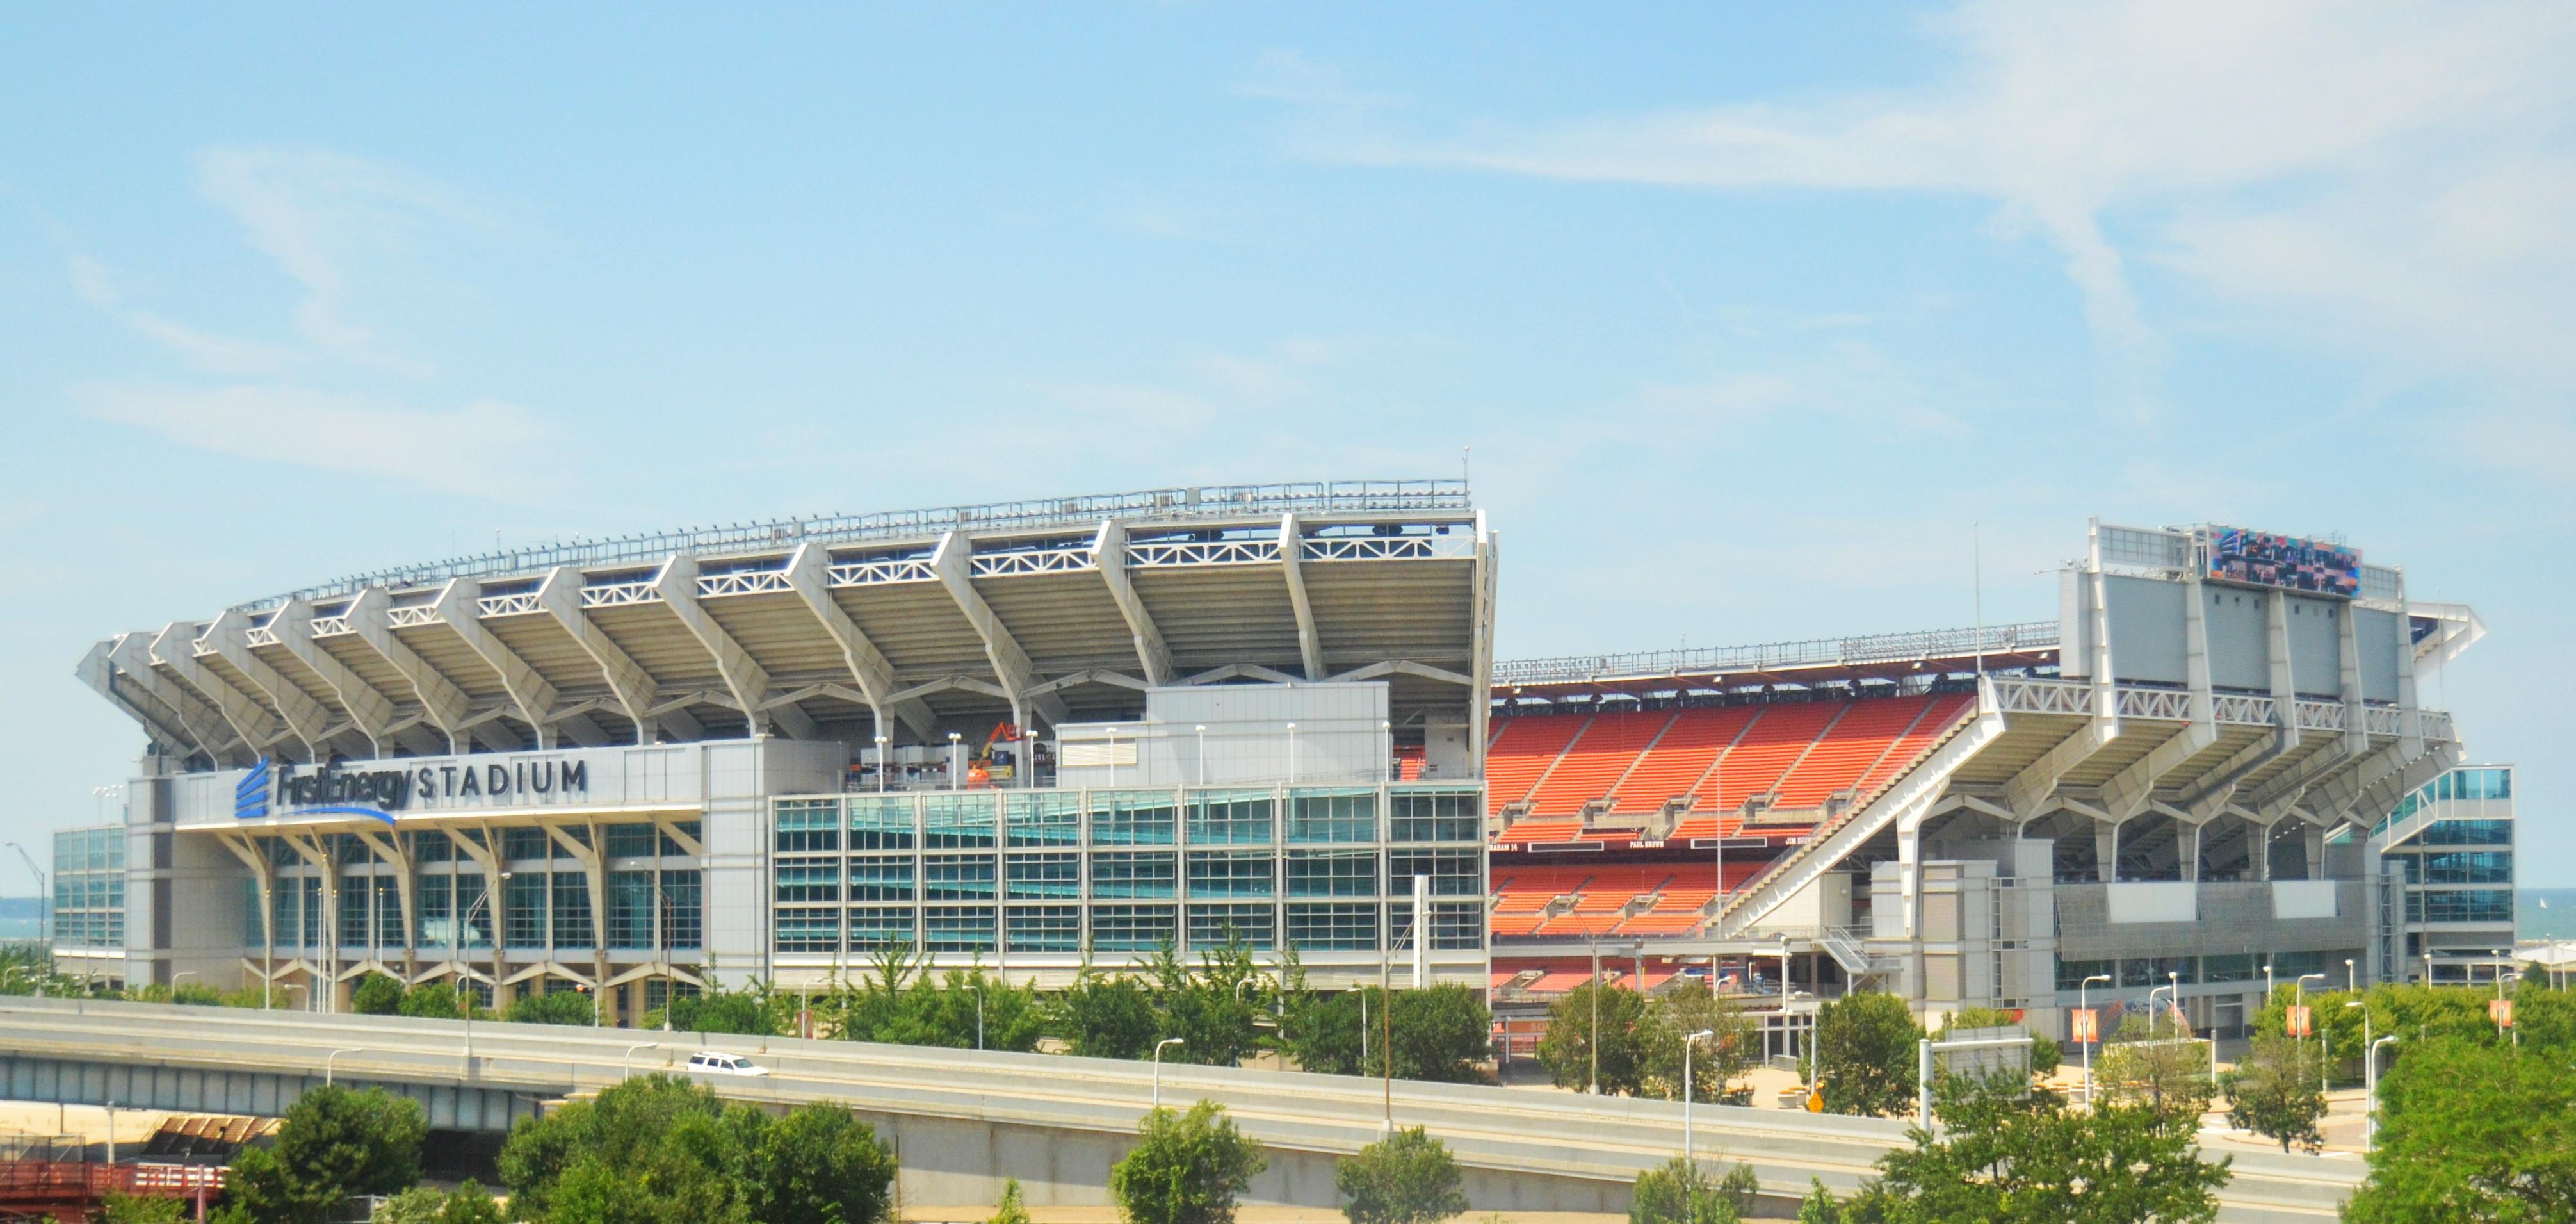 File:FirstEnergy Stadium 2013.jpg - Wikimedia Commons